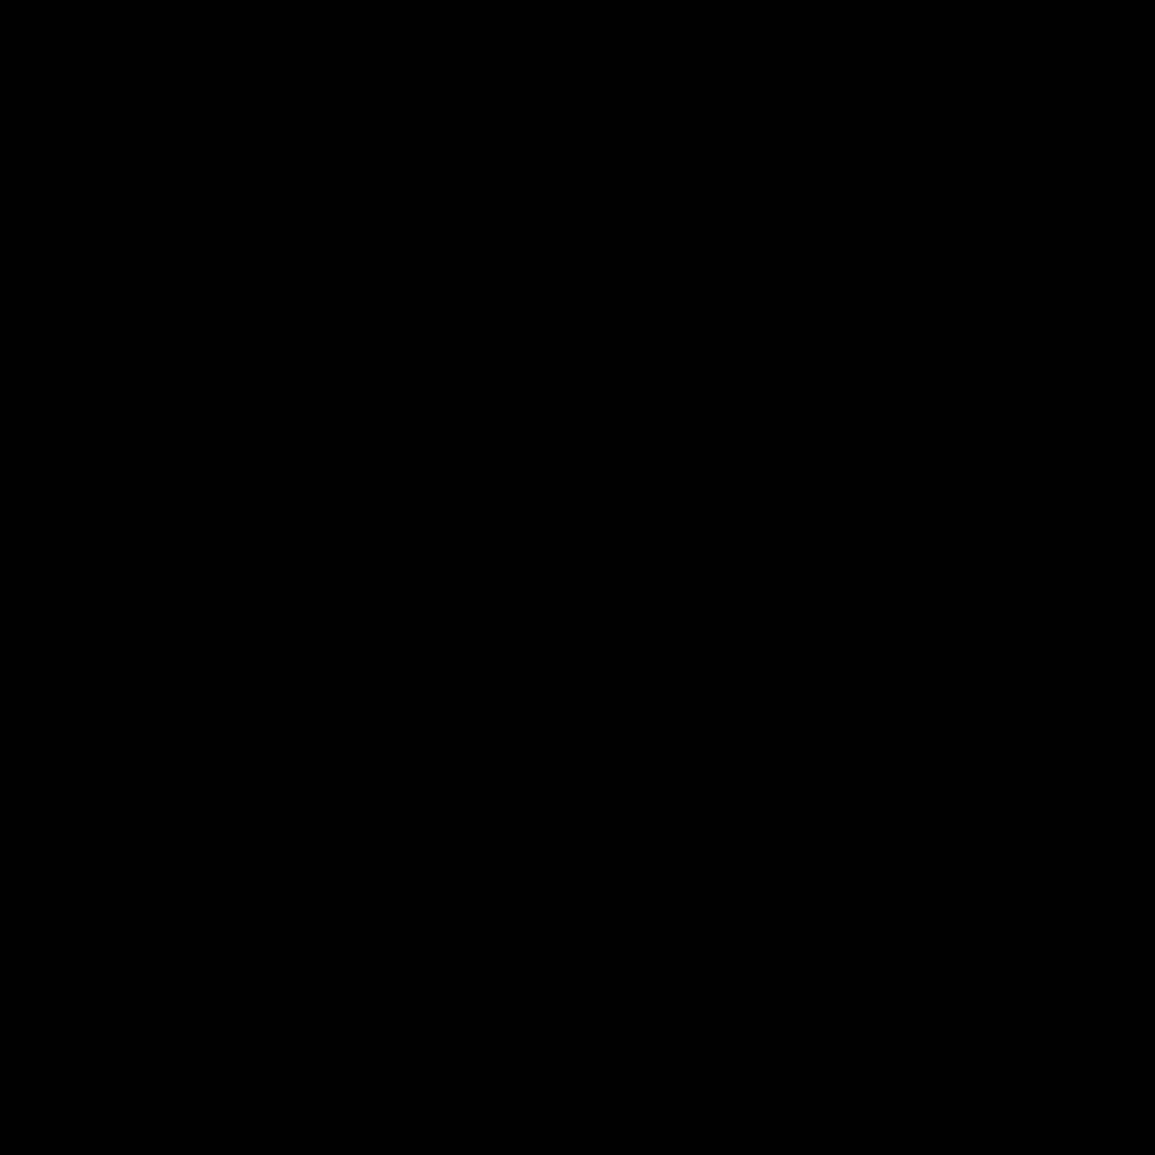 ミンカール CMR 字形見本